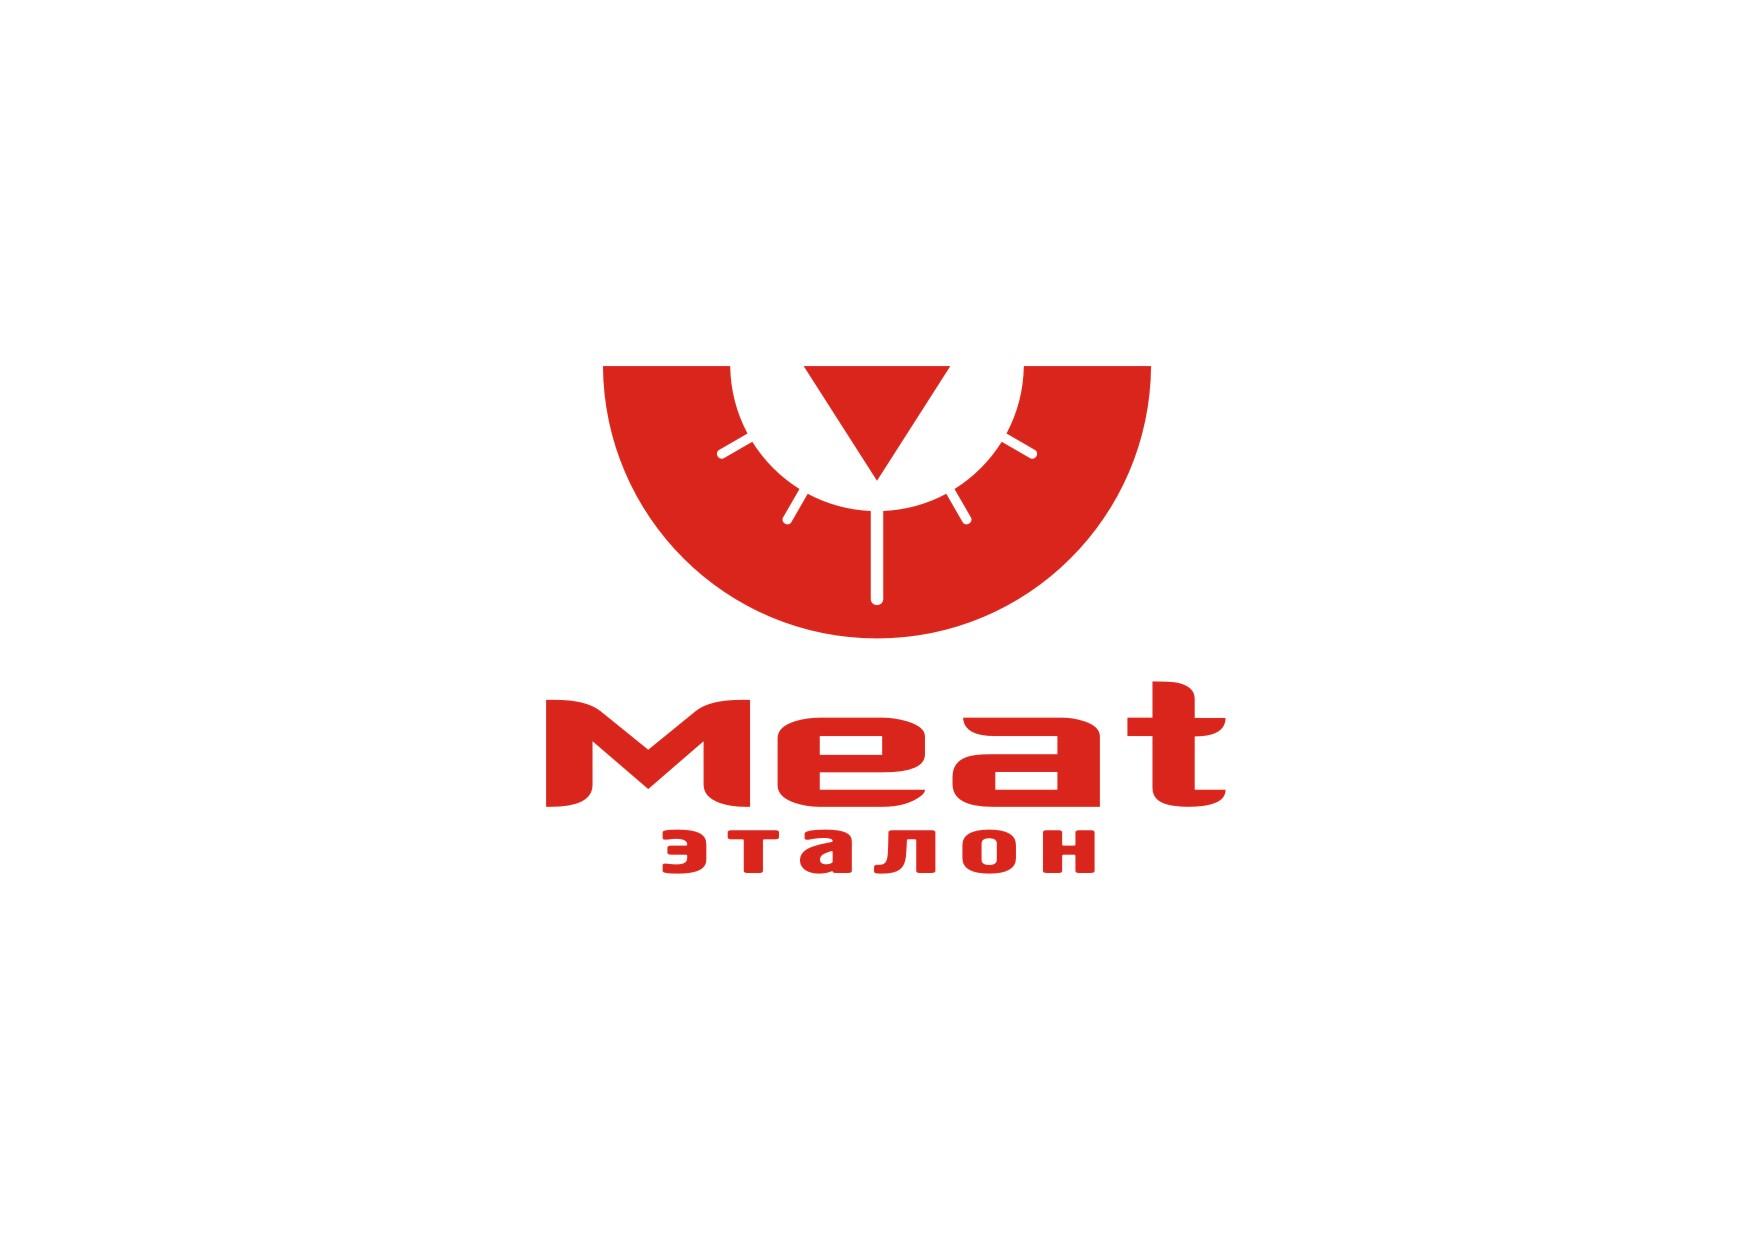 Логотип компании «Meat эталон» фото f_15157010f646adeb.jpg